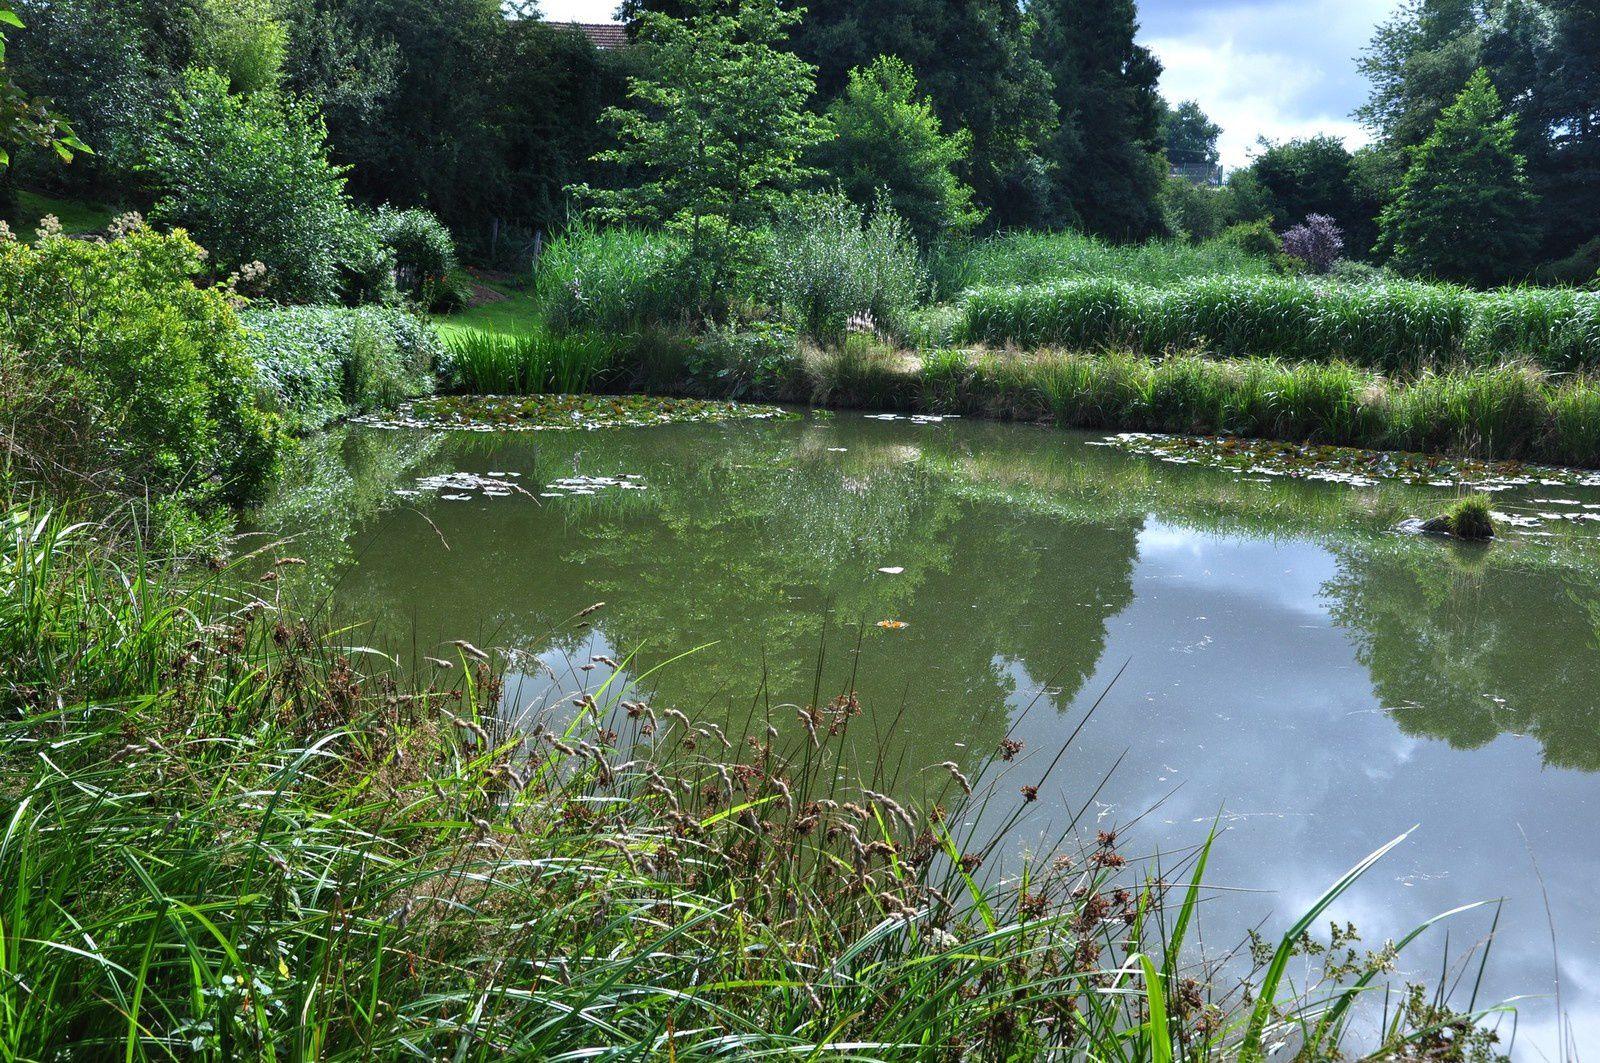 Les jardins de la Sagne comme un hommage à la biodiversité